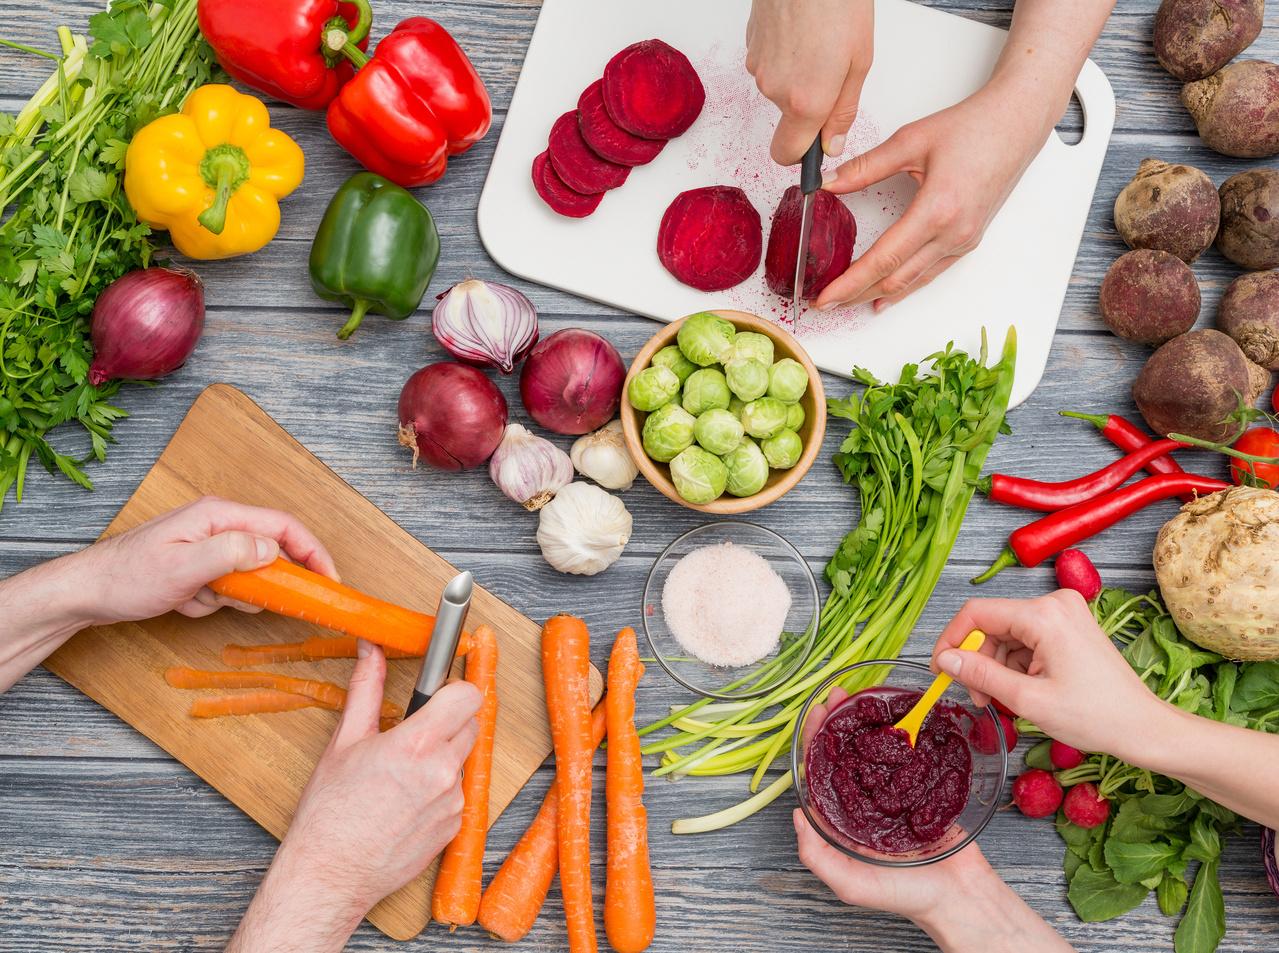 吃素易缺6營養  蛋奶素較健康 | 橘世代